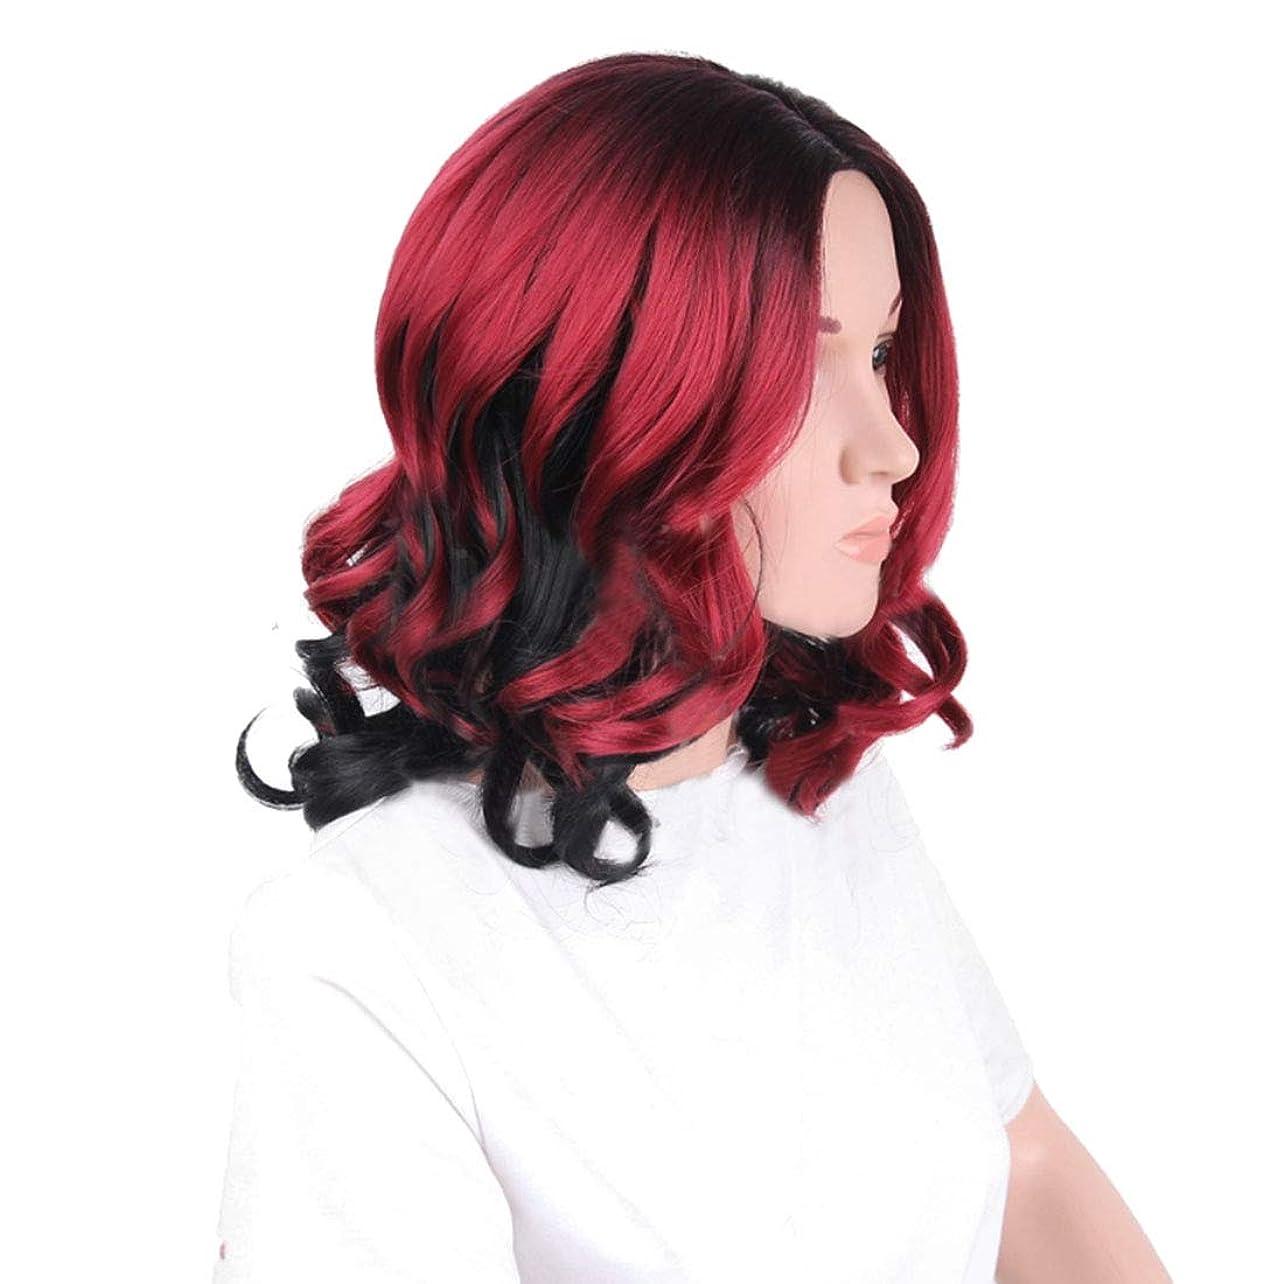 懲らしめ間失速BOBIDYEE 女性のためのグラデーションカラーのかつら長い前髪付きの短い巻き毛のかつら耐熱ウィッグ16インチ/ 220g(ブラックグラデーションゴールド、ブラックグラデーションワインレッド)ファッションかつら (色 : Black gradient wine red)